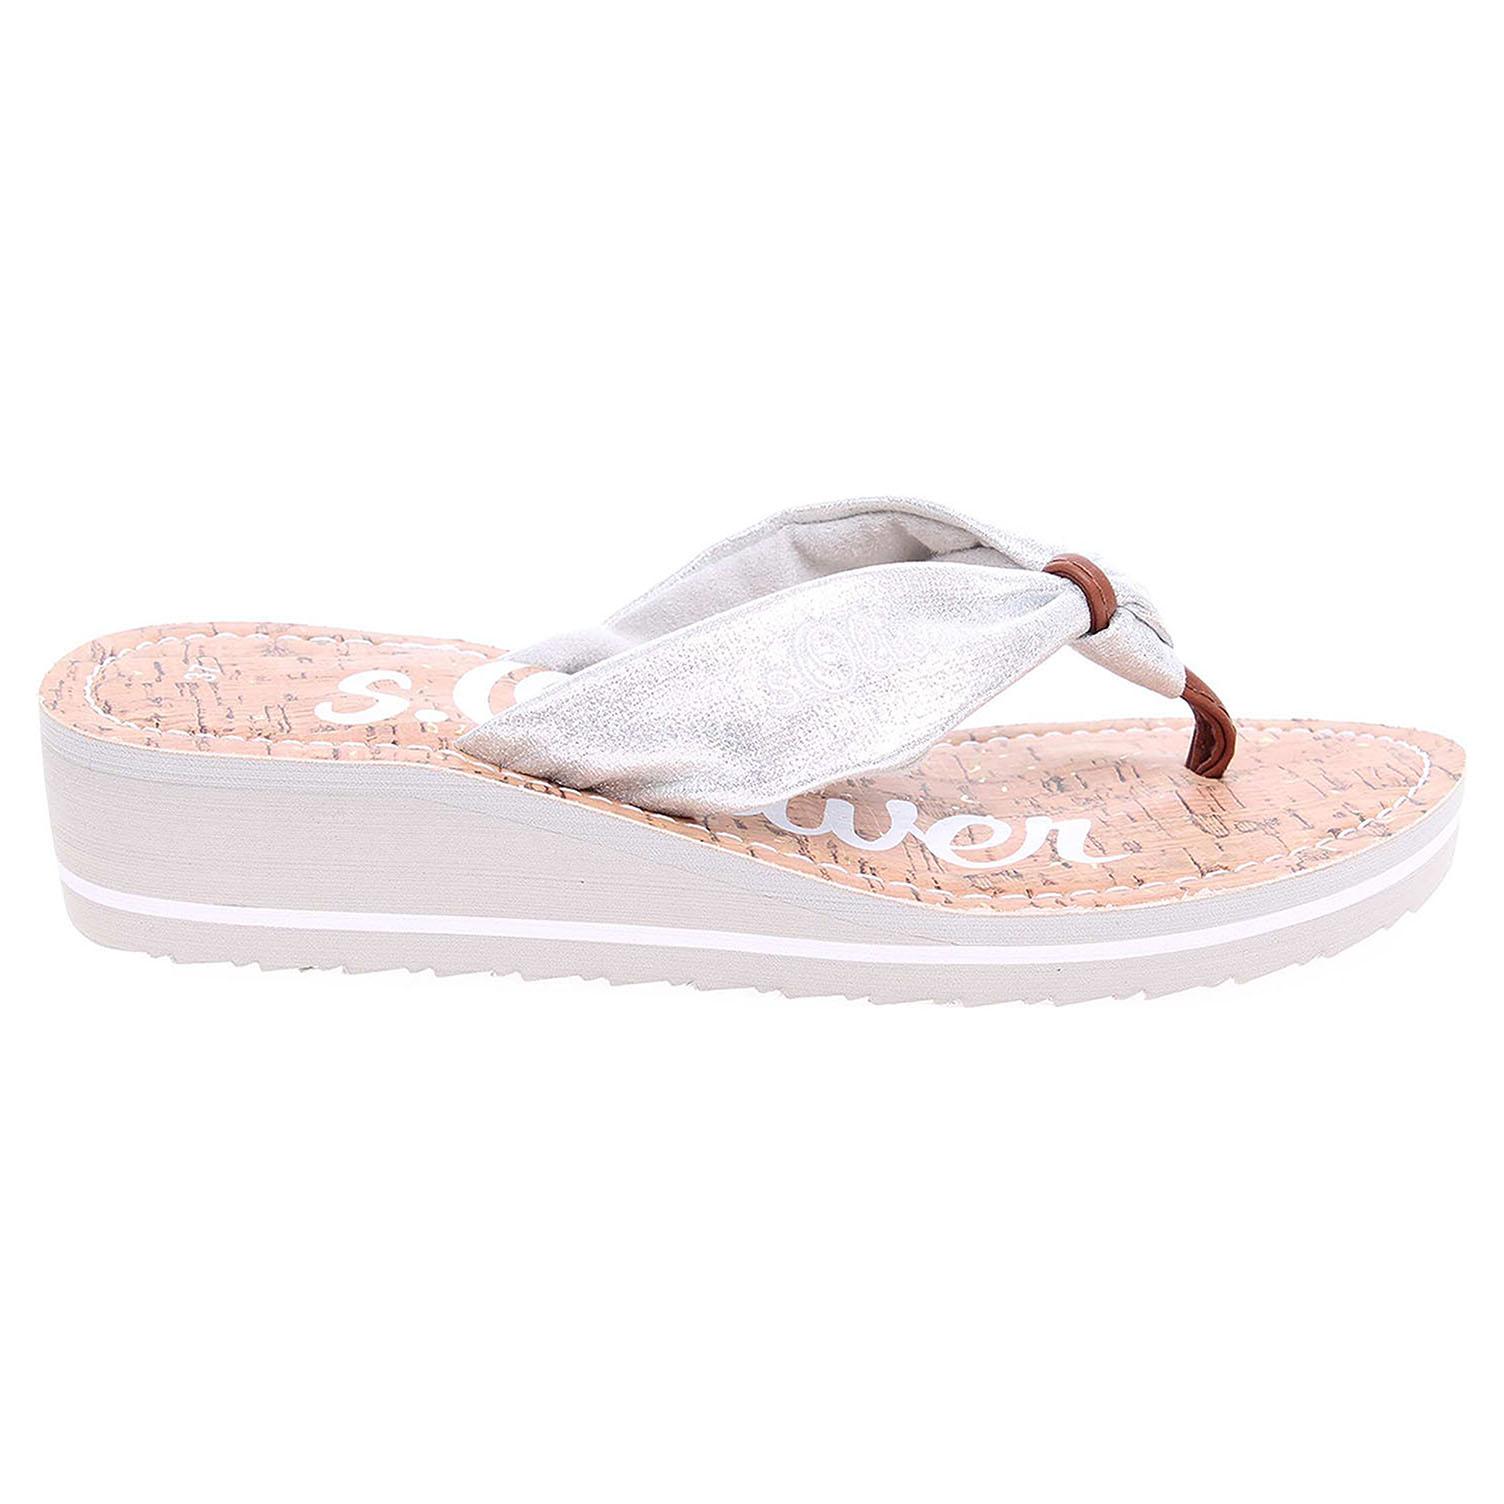 Ecco s.Oliver dámské pantofle 5-27117-38 stříbrné 23700301